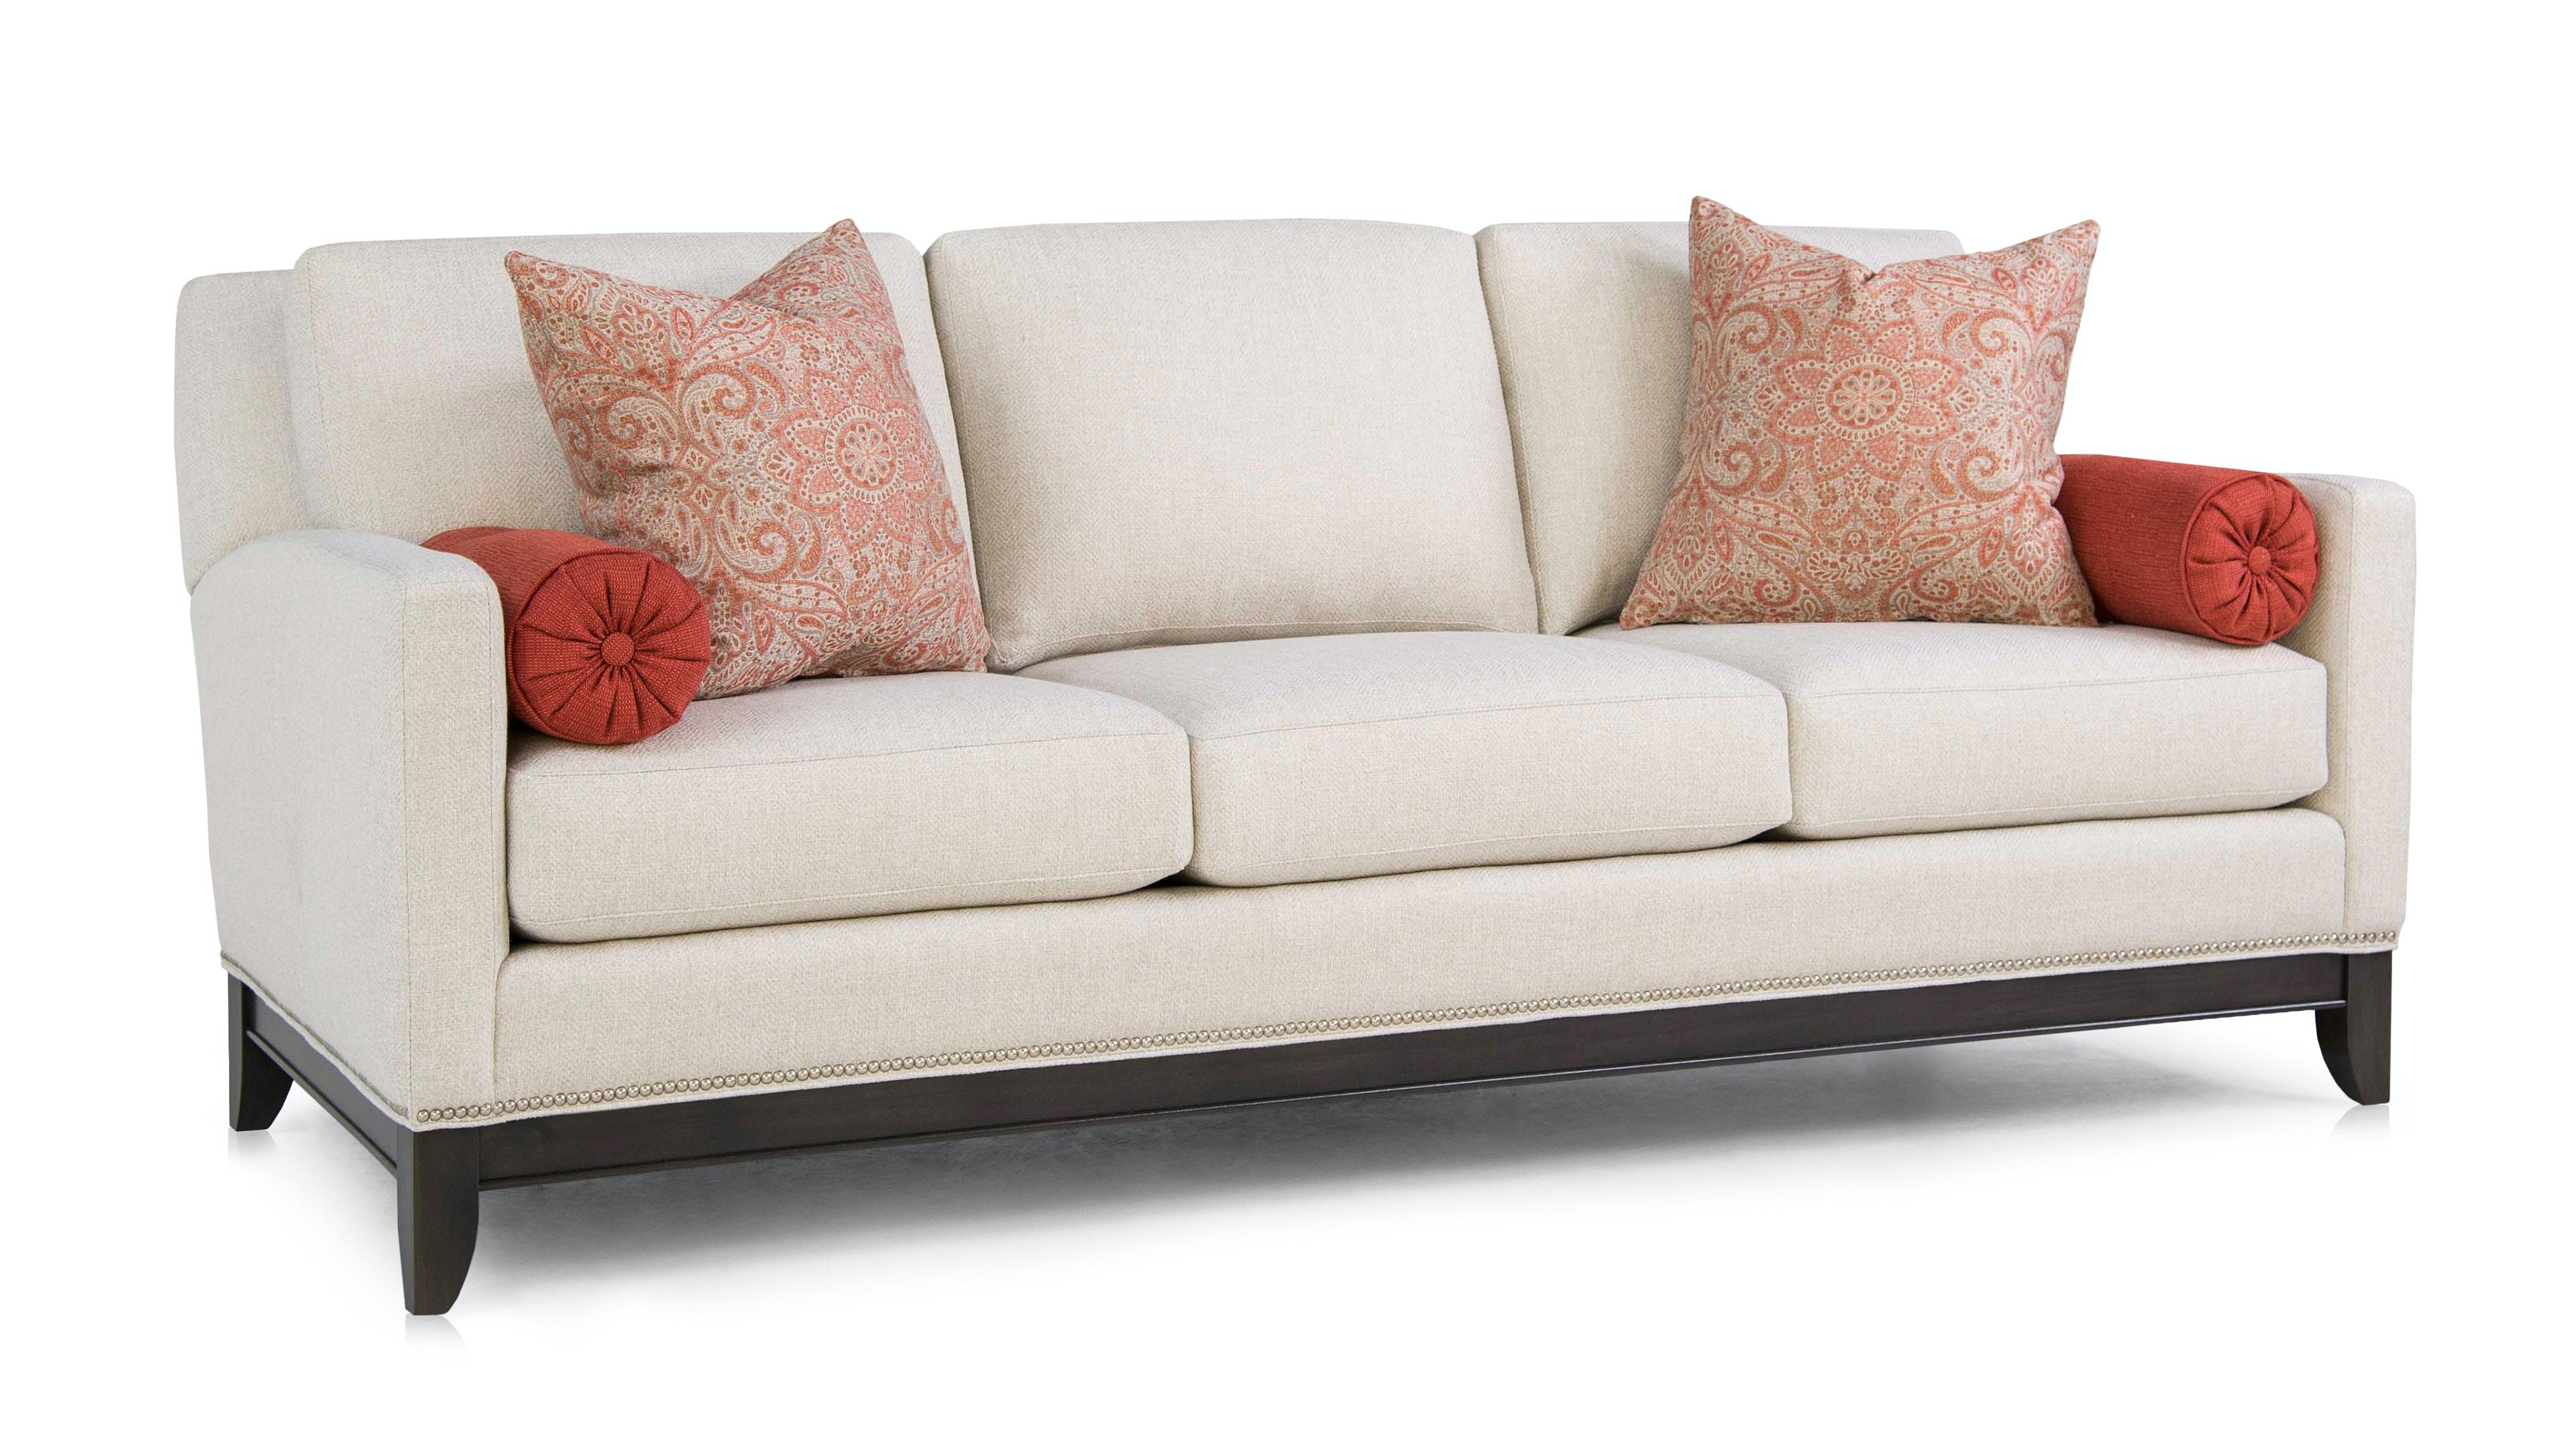 238 10. Sofa